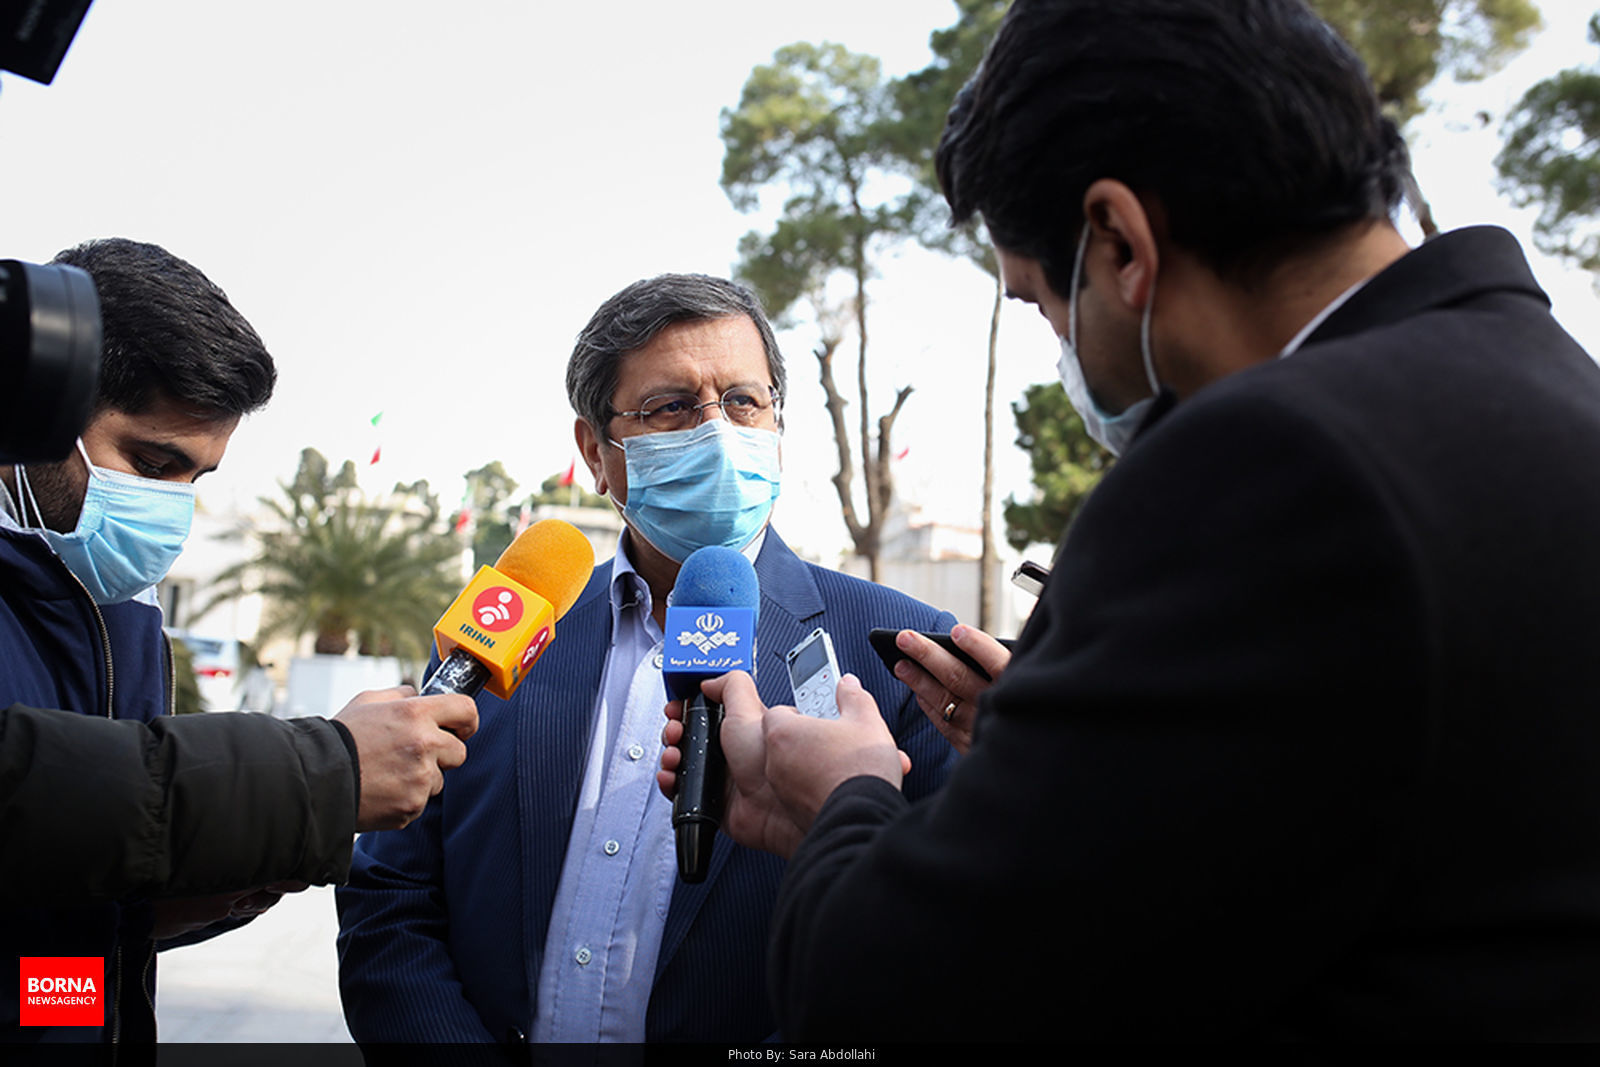 تصویر از مرحوم هاشمی برای توسعه ایران از هیچ هزینهای دریغ نمیکرد